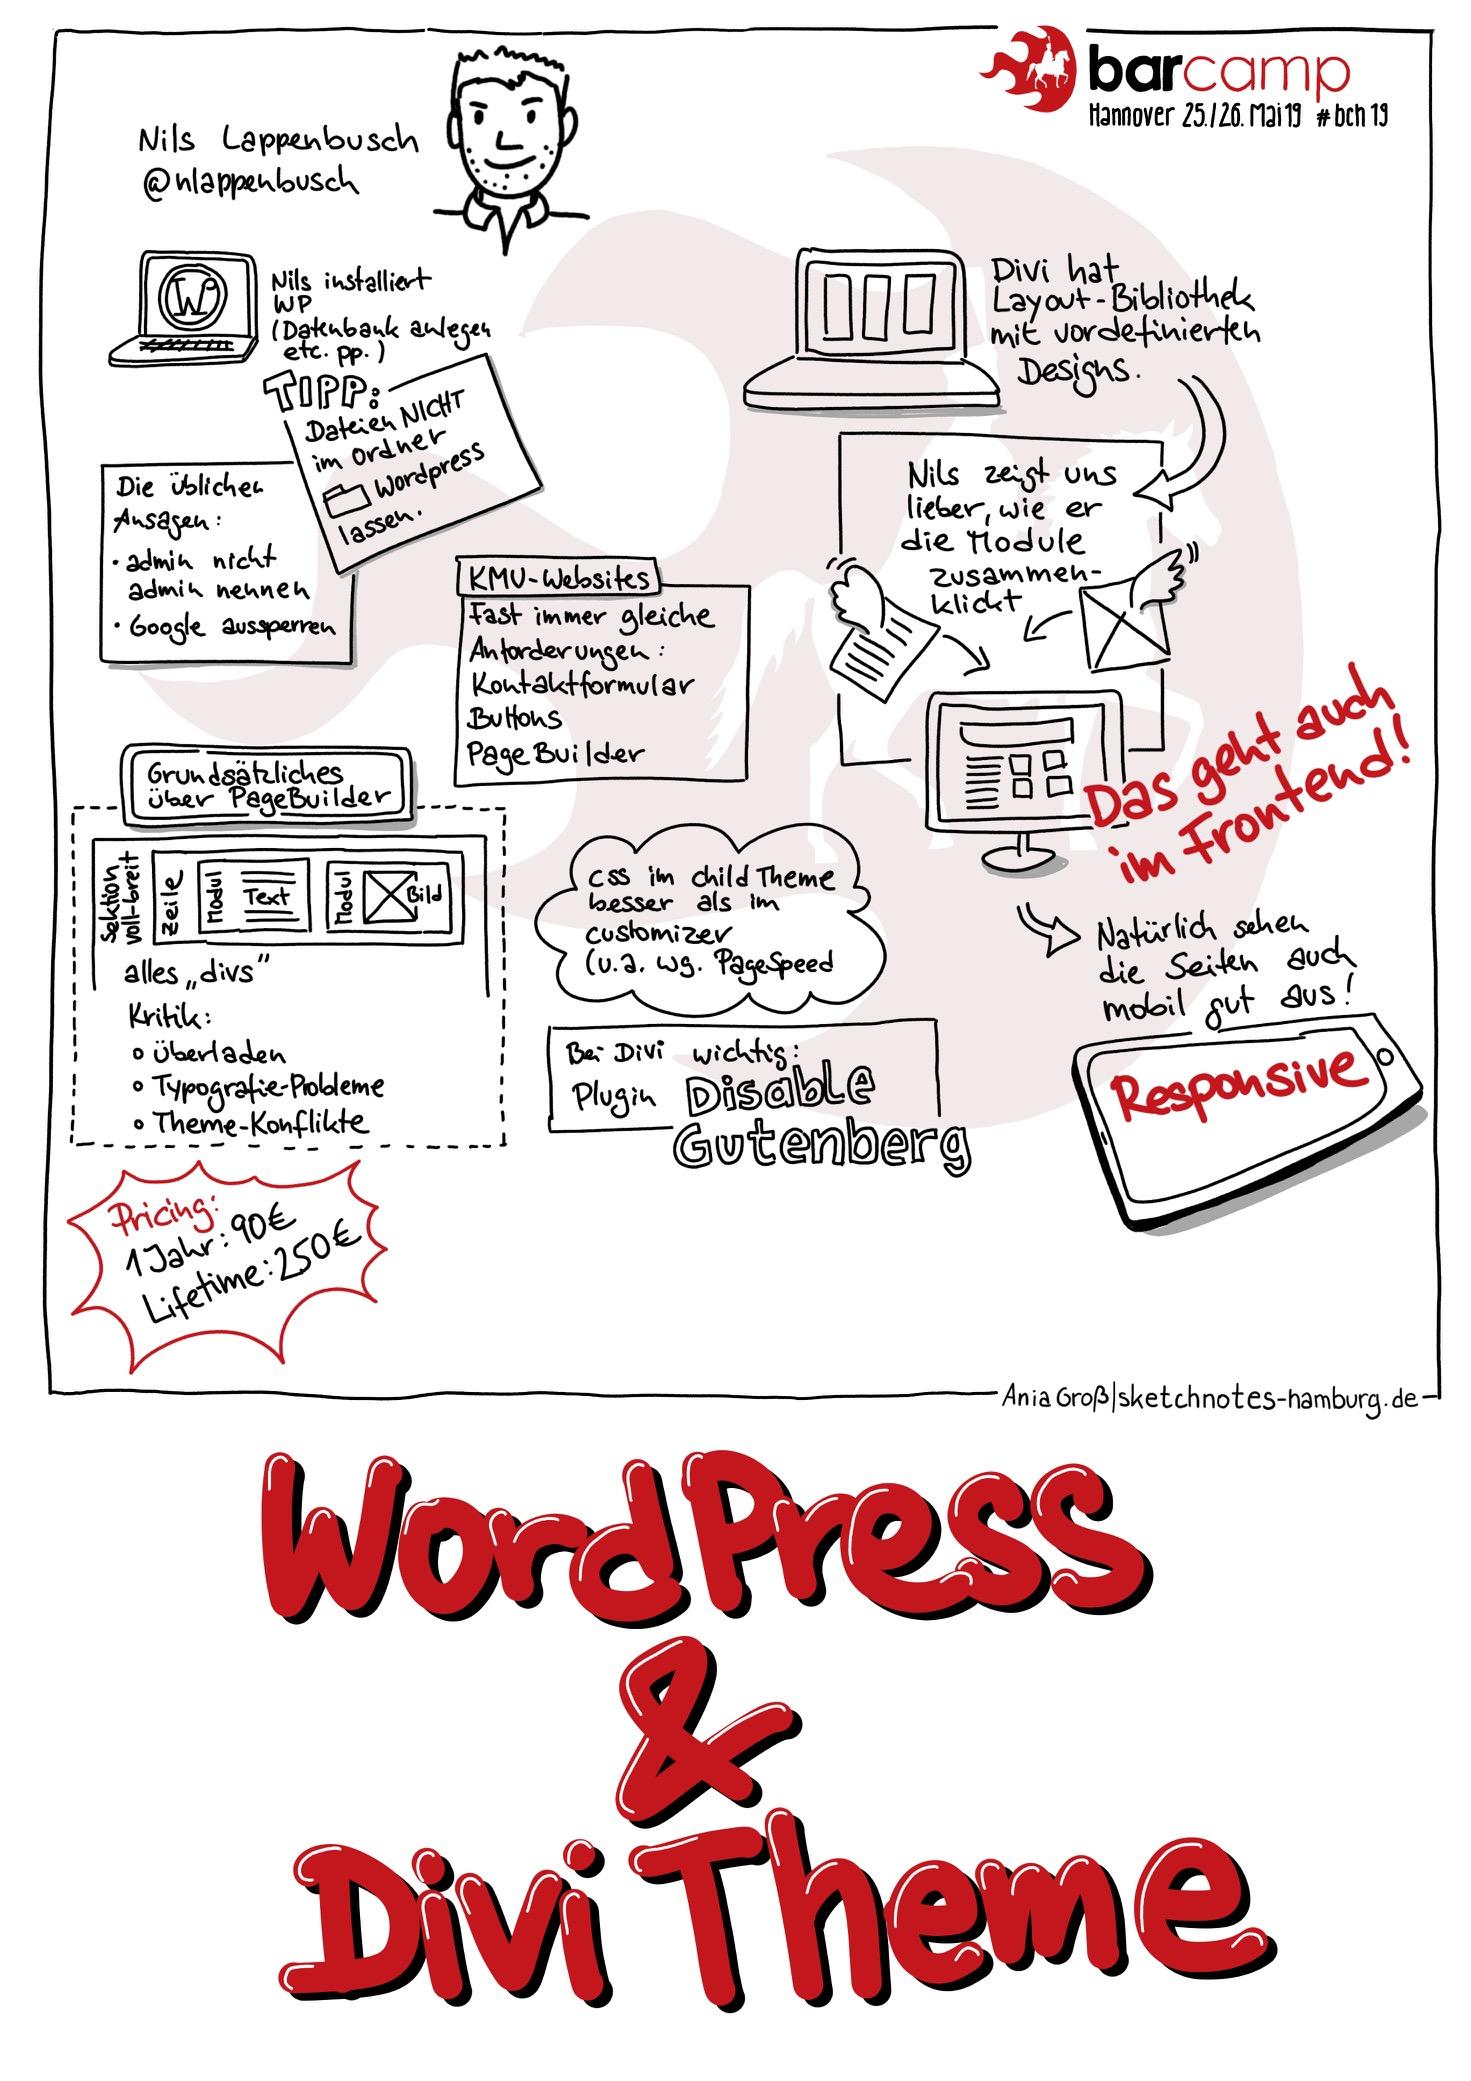 Da sich das WordPress-Theme Divi nicht mit dem neuen Gutenberg-Editor verträgt, hat uns Nils erklärt, wie wir Gutenberg eliminieren. Sketchnotes: © Ania Groß